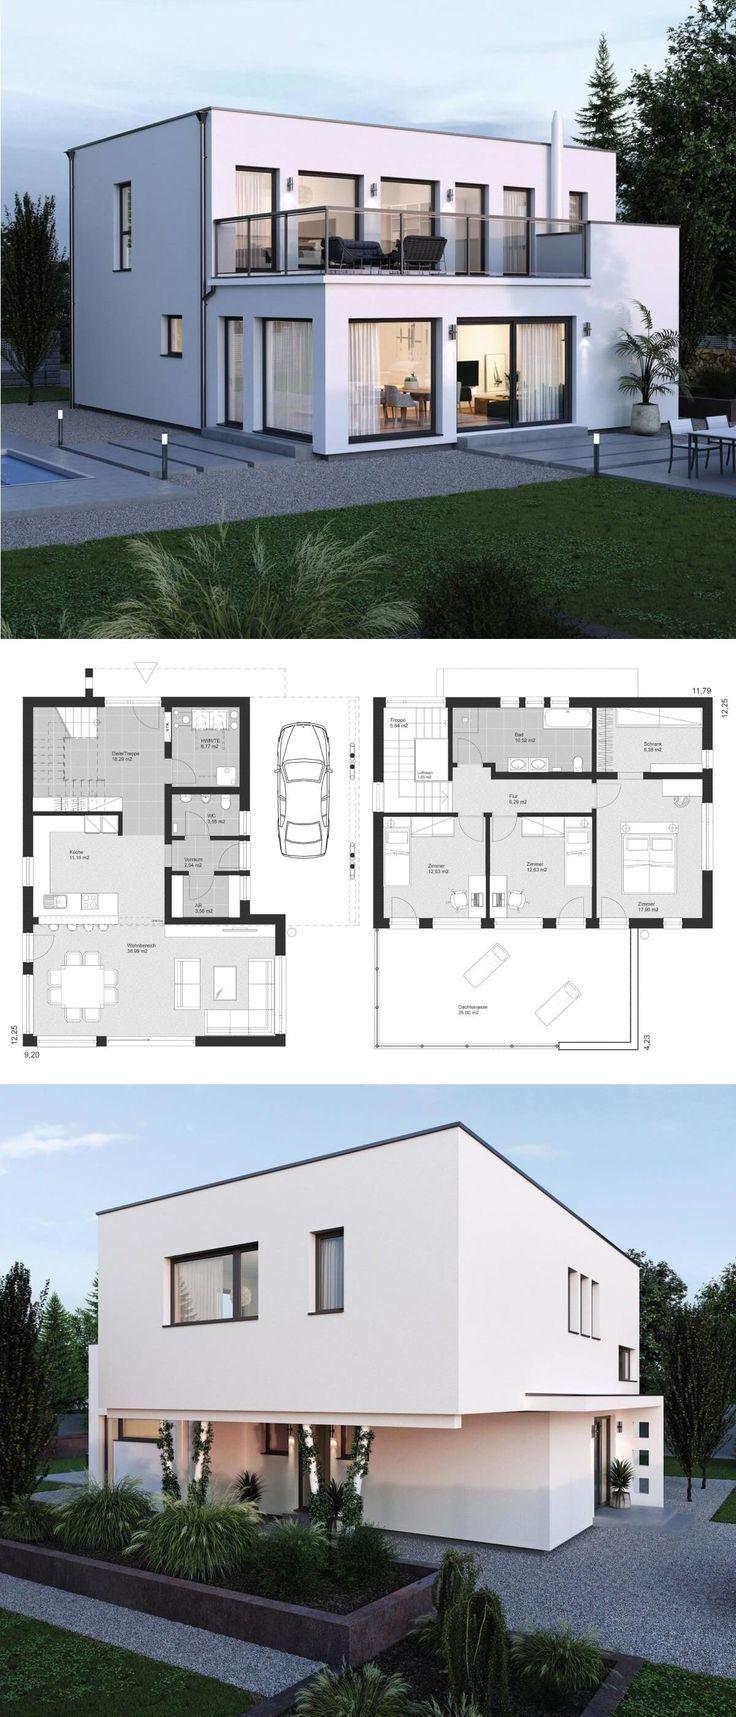 Moderne Bauhaus Stadtvilla Grundriss mit Flachdach